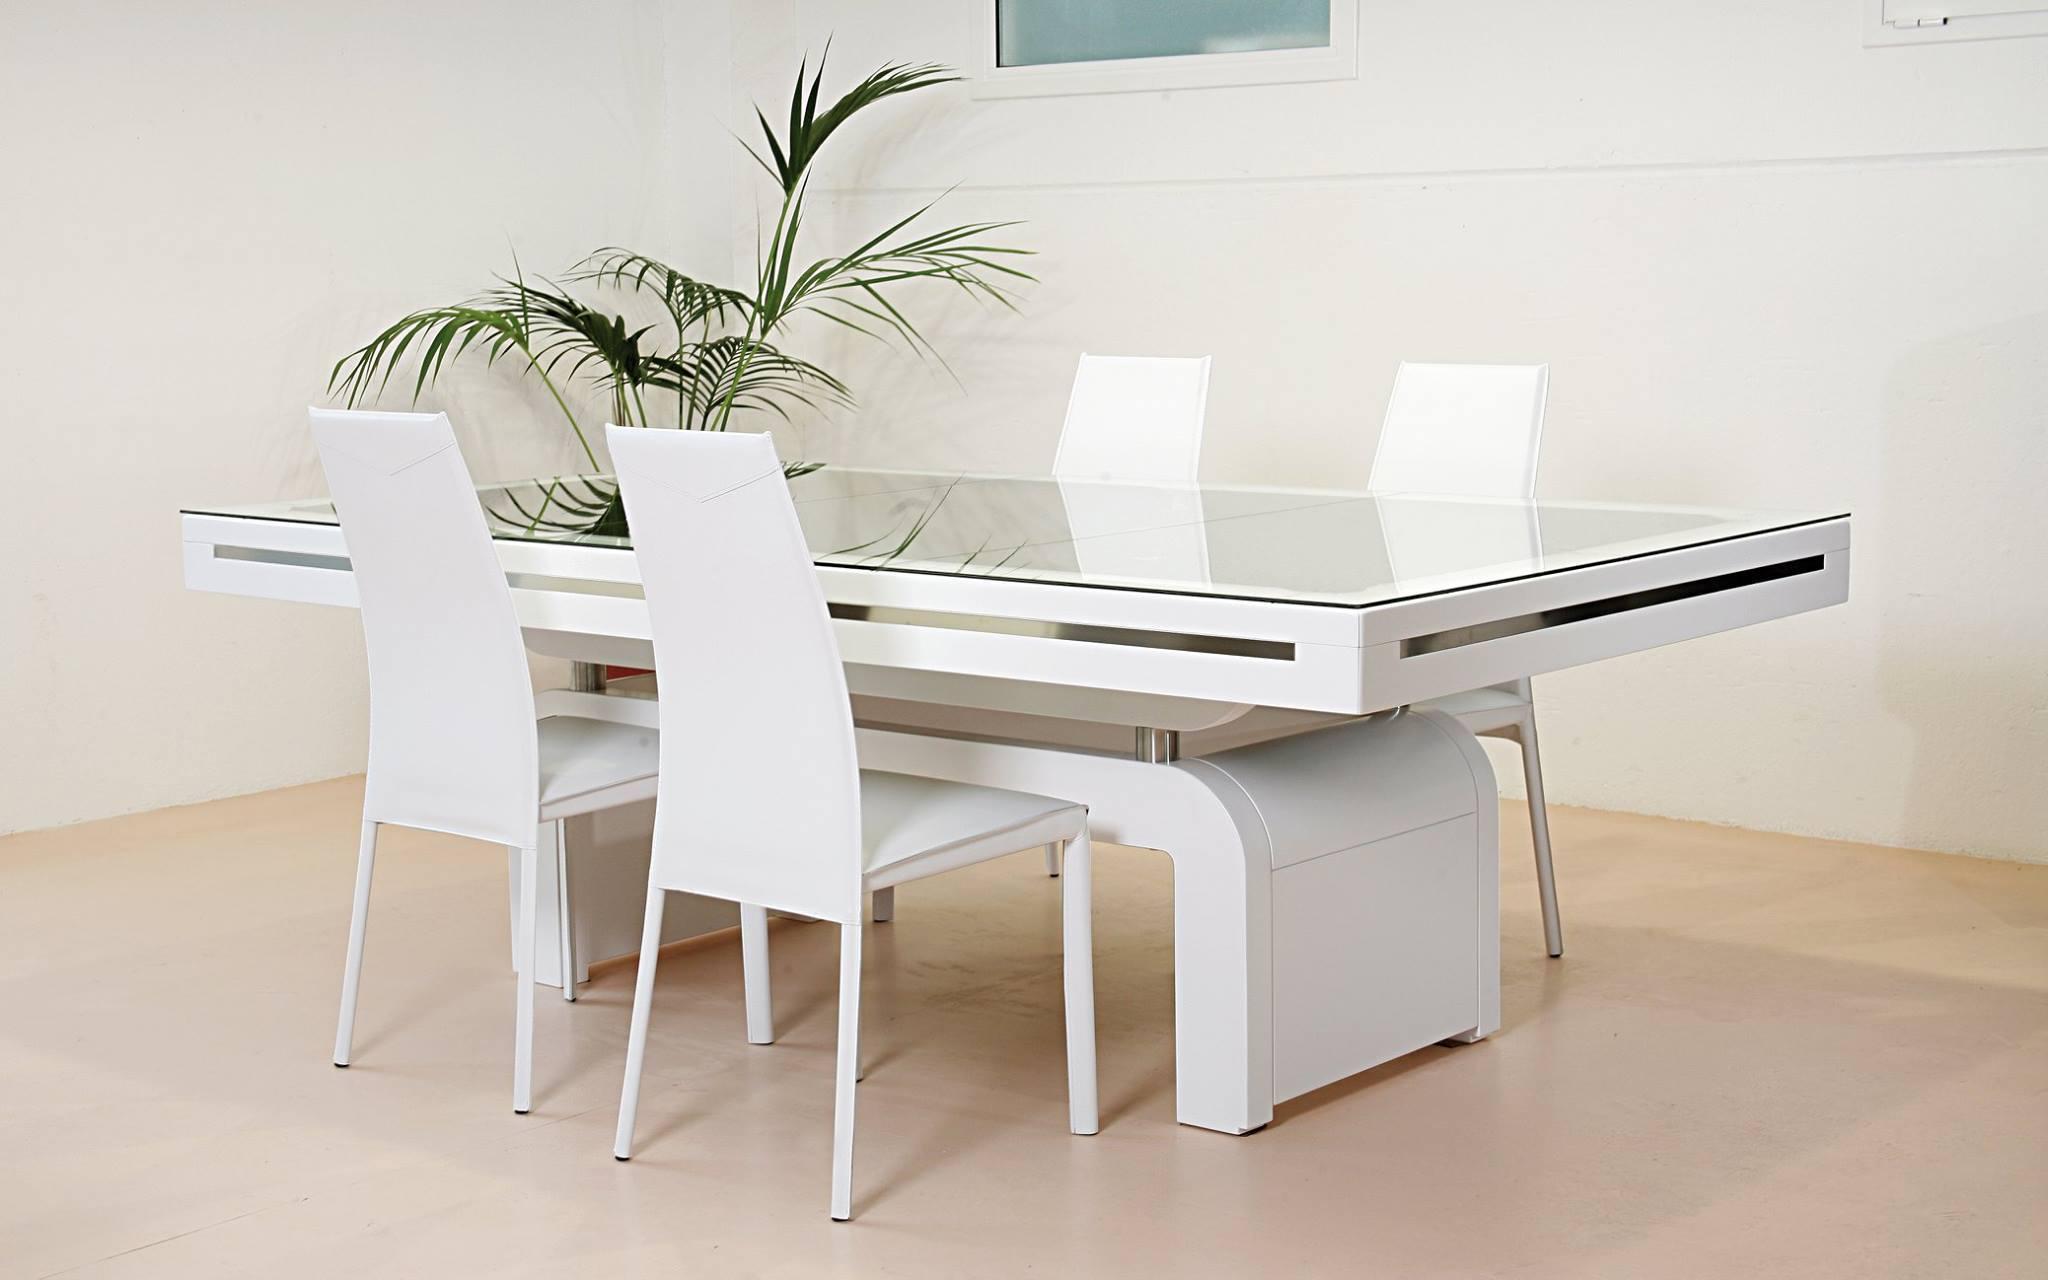 Tavoli da arredo affordable tavoli da arredo with tavoli for Tavoli da salone